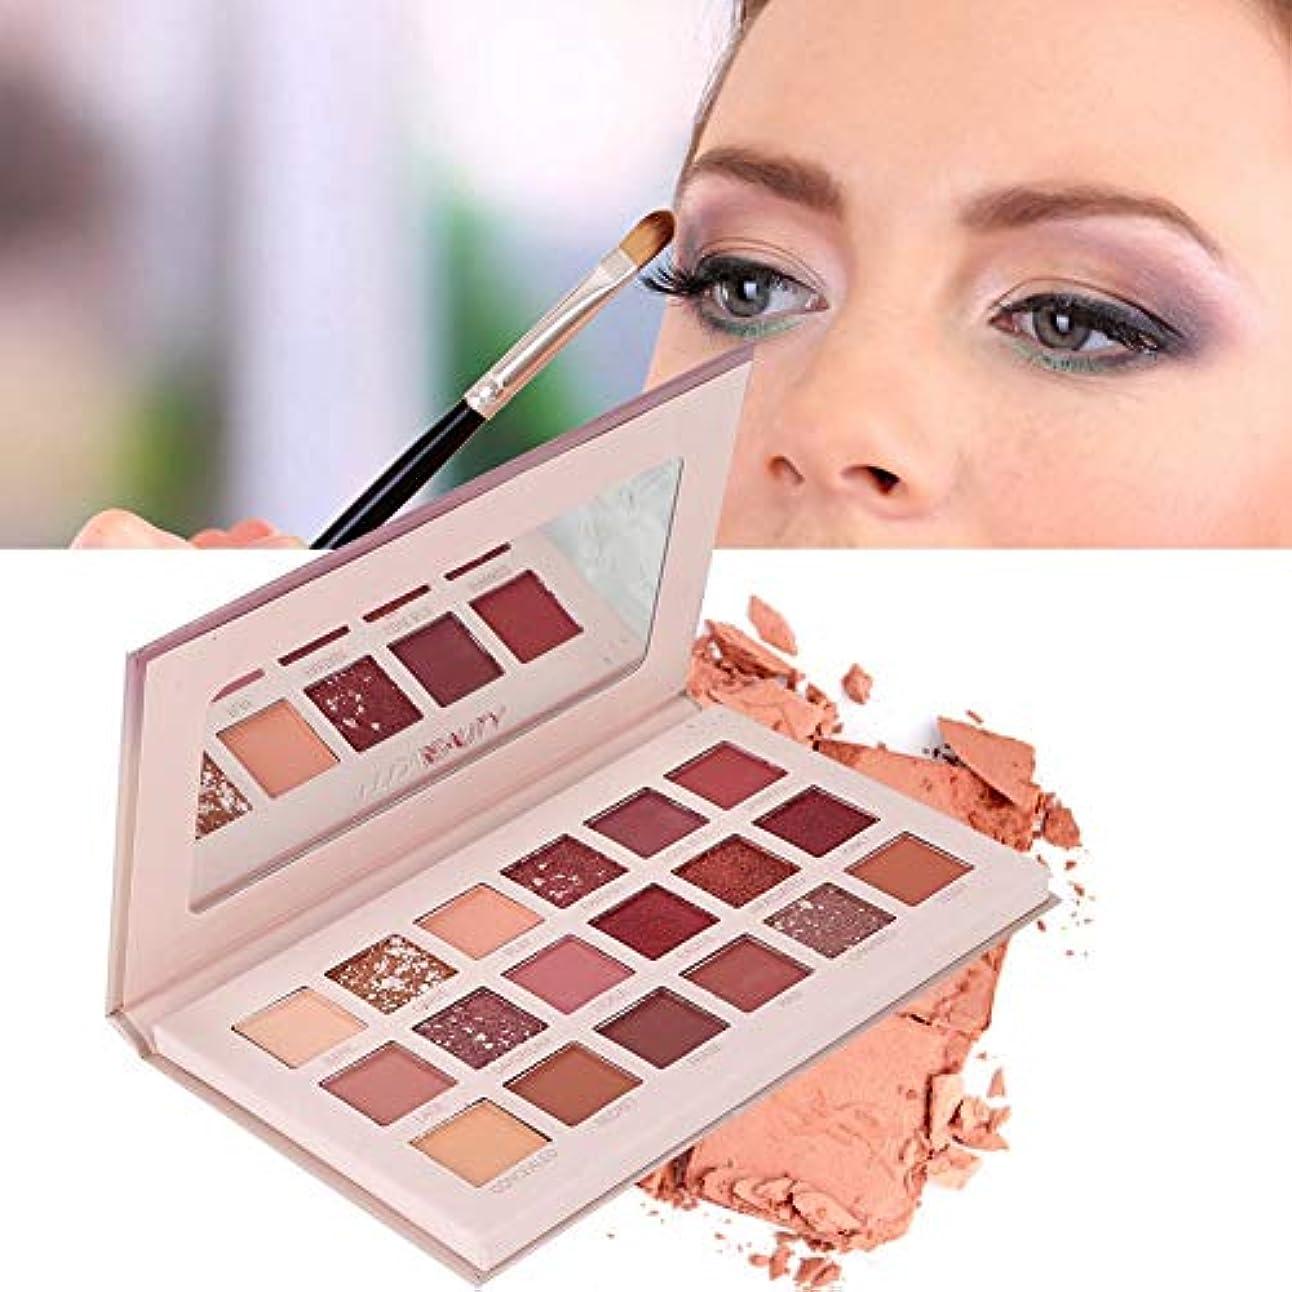 18色 アイシャドウパレット アイシャドウパレット 化粧マット グロス アイシャドウパウダー 化粧品ツール